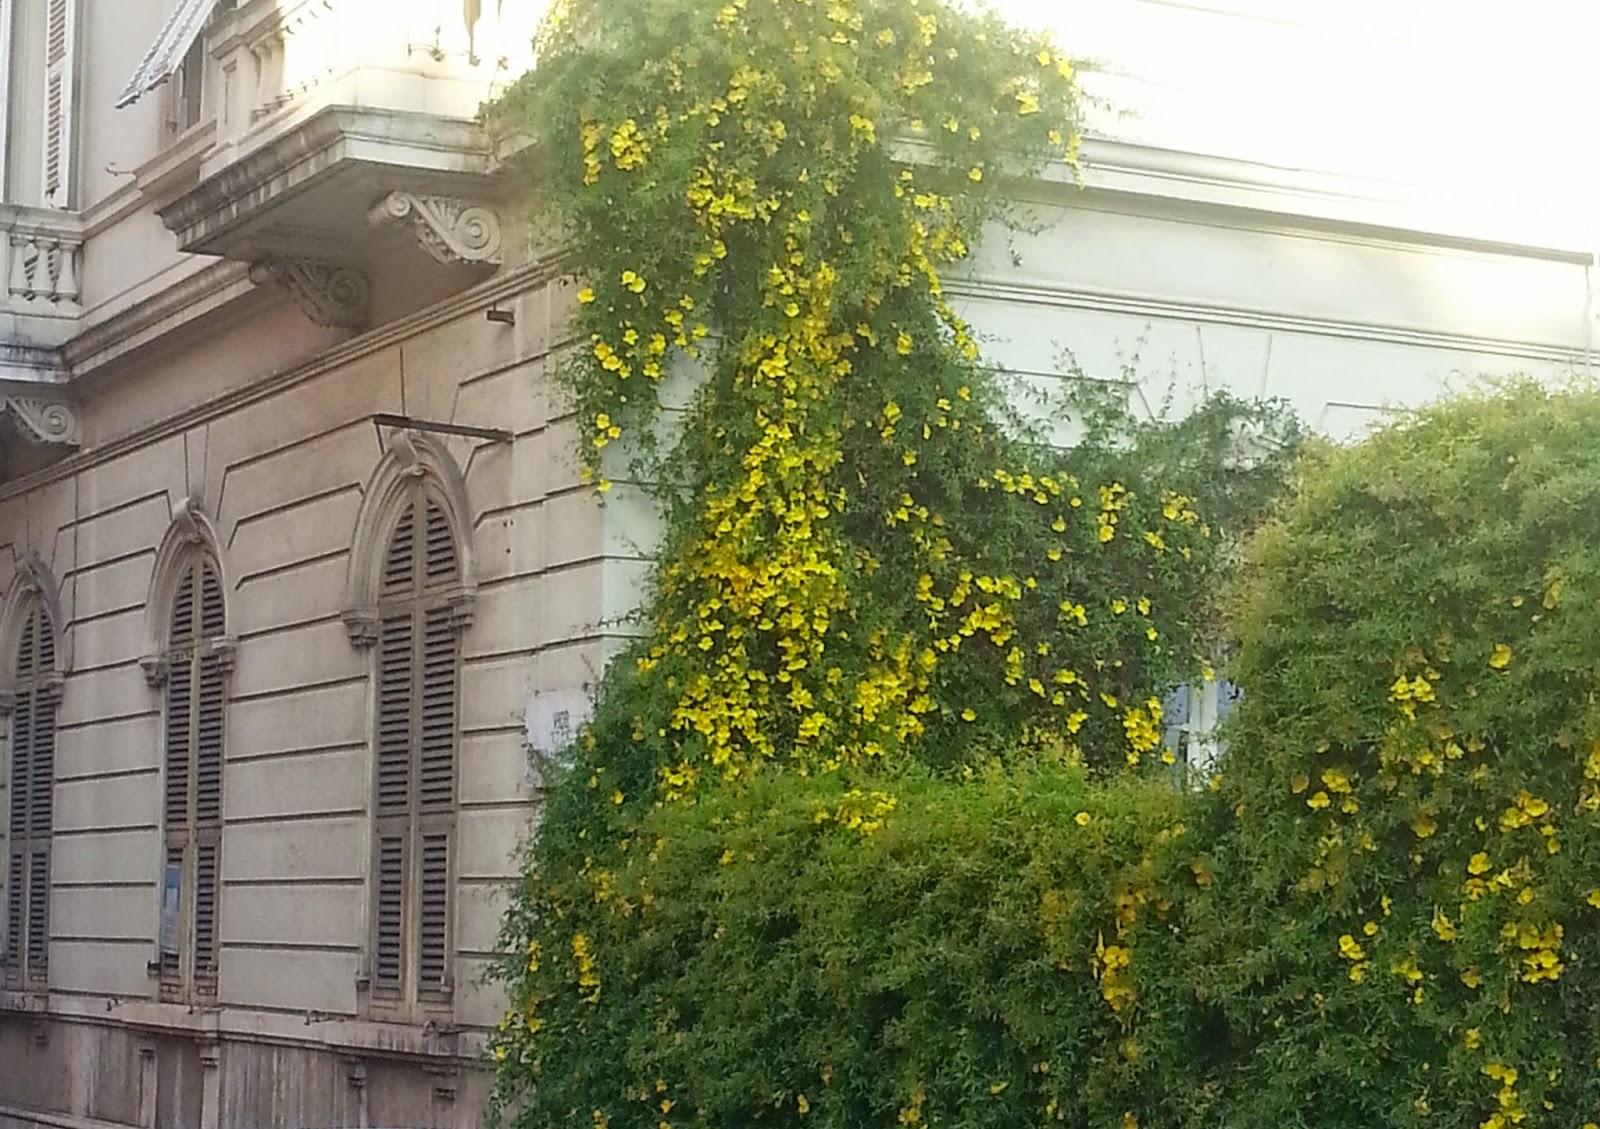 cagliari in verde la meraviglia del rampicante giallo fiorito